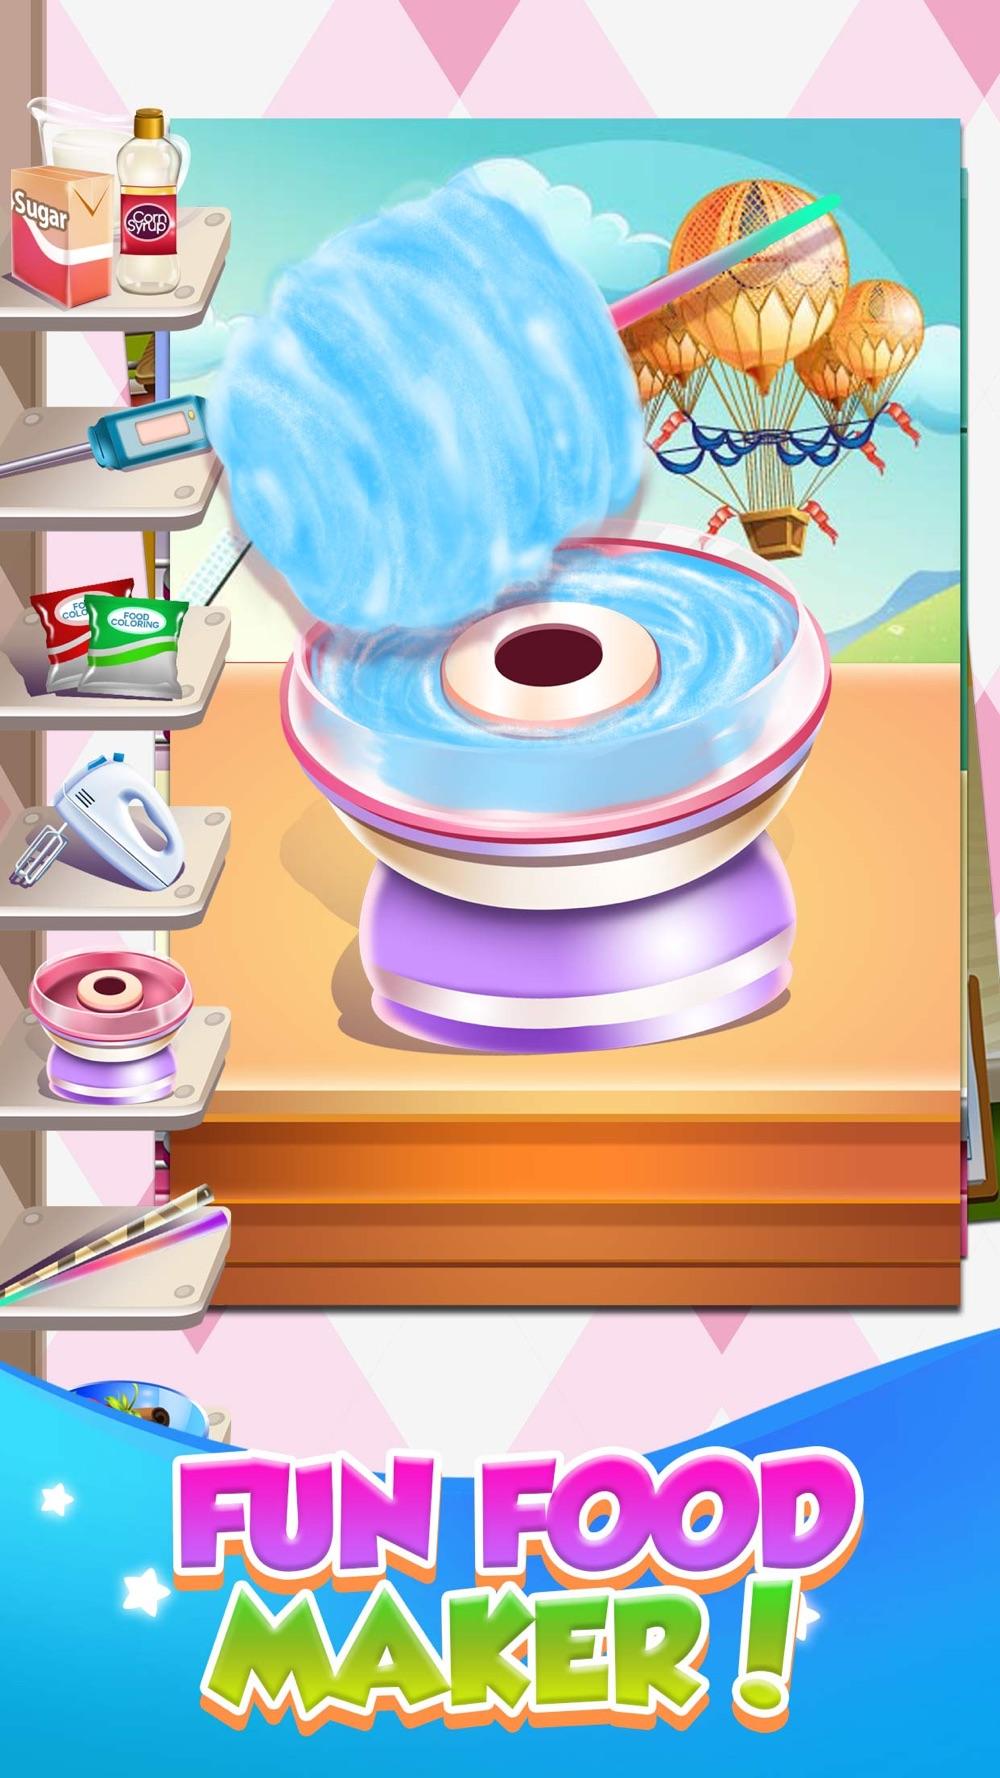 Dessert Food Maker – Cooking Kids Games Free!